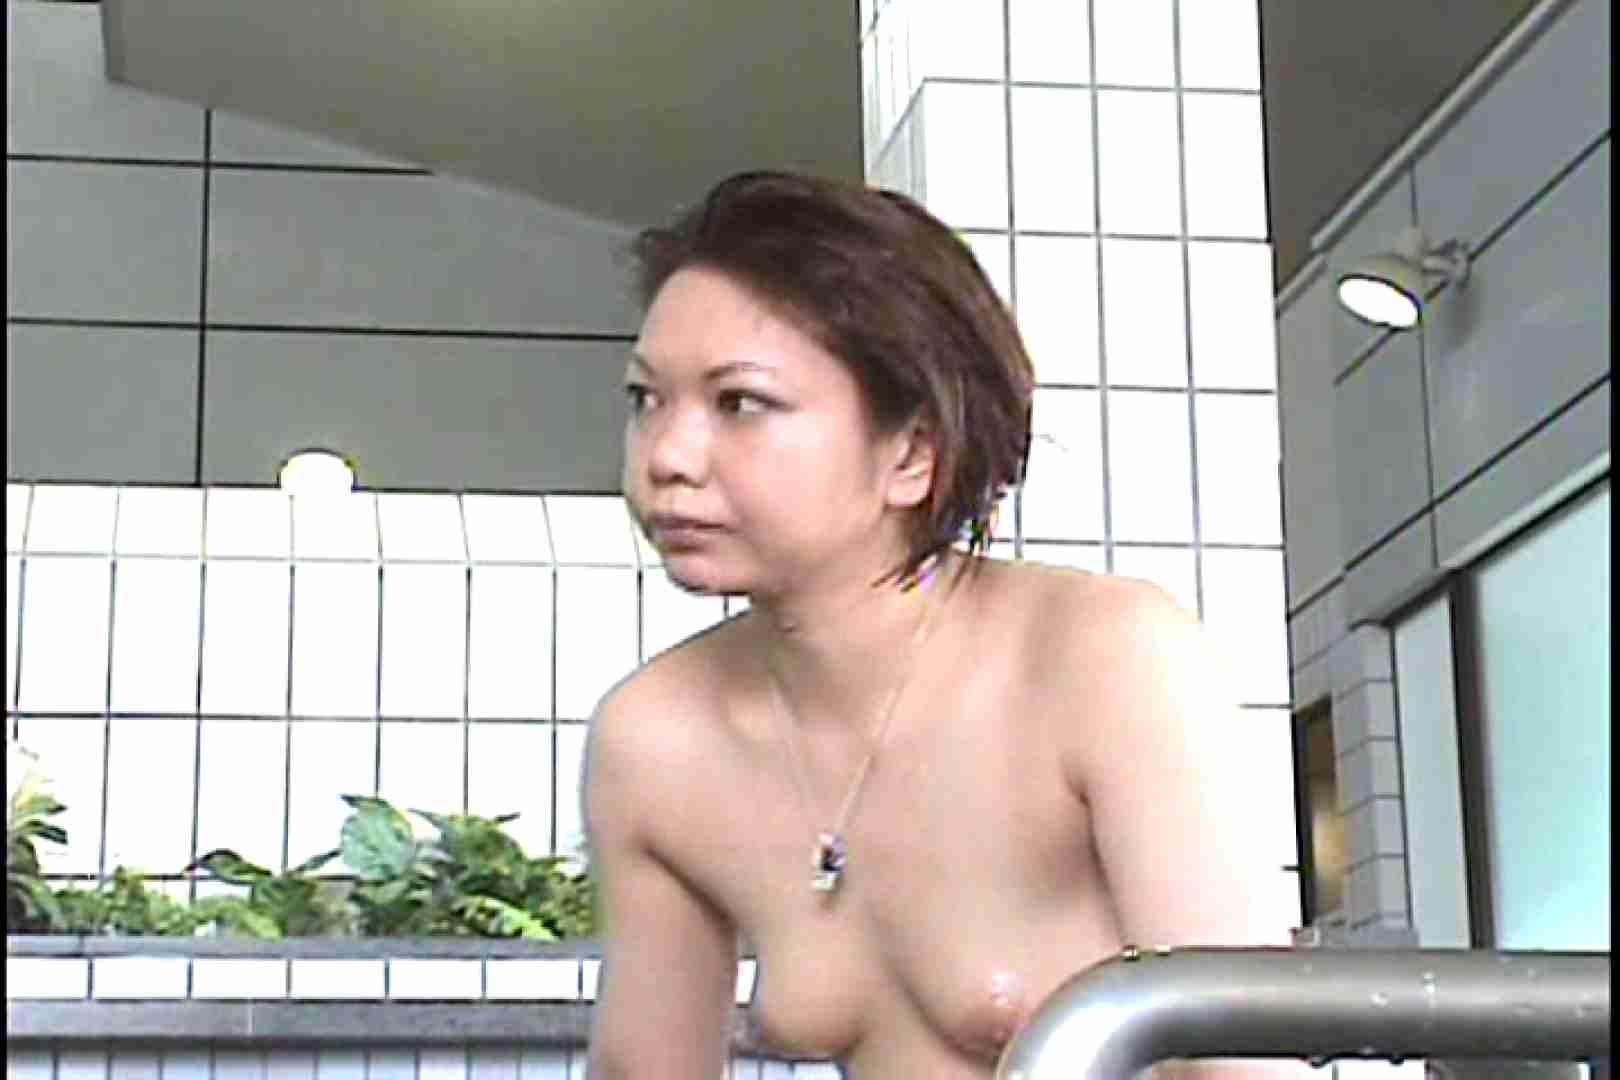 潜入女風呂 がっかり編Vol.1 女子風呂  75枚 54